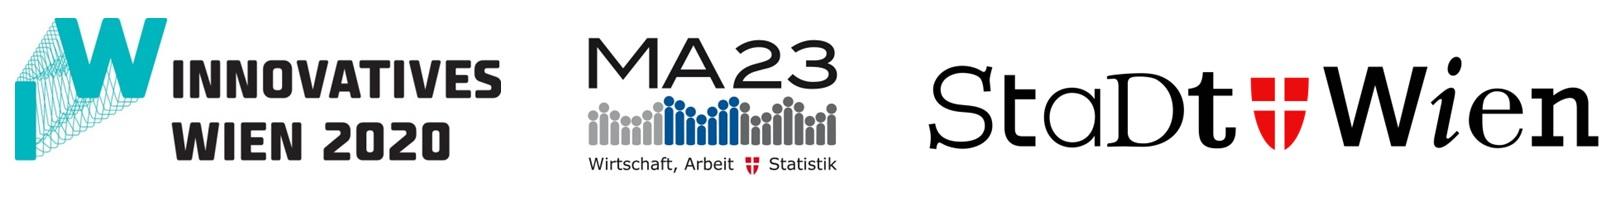 Logos Stadt Wien, MA 23 und innovatives Wien 2020